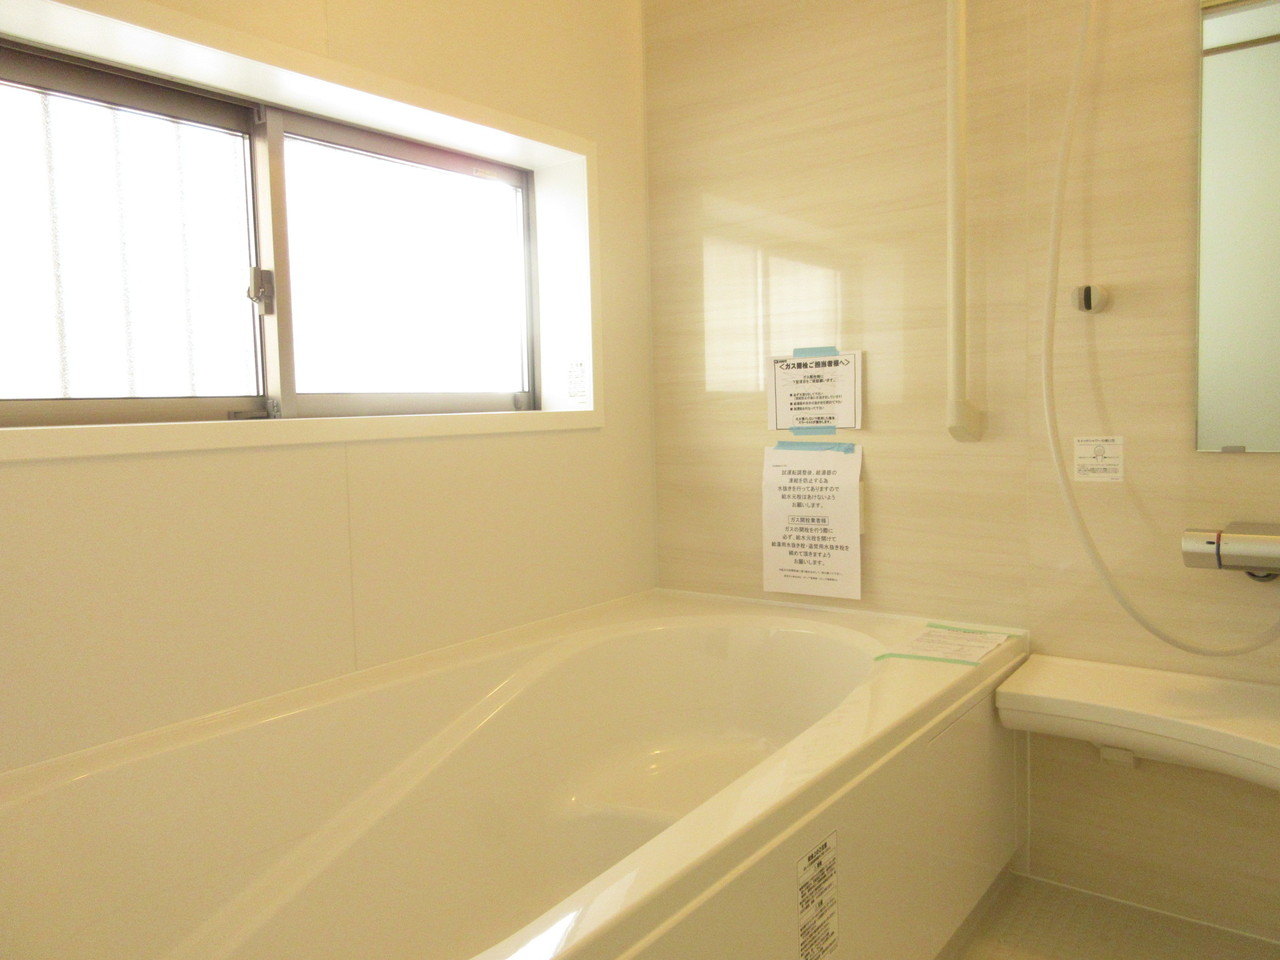 浴室は大きめの窓がついていますので換気もばっちり!日中ですと明るい光が差し込み、電気いらずです◎